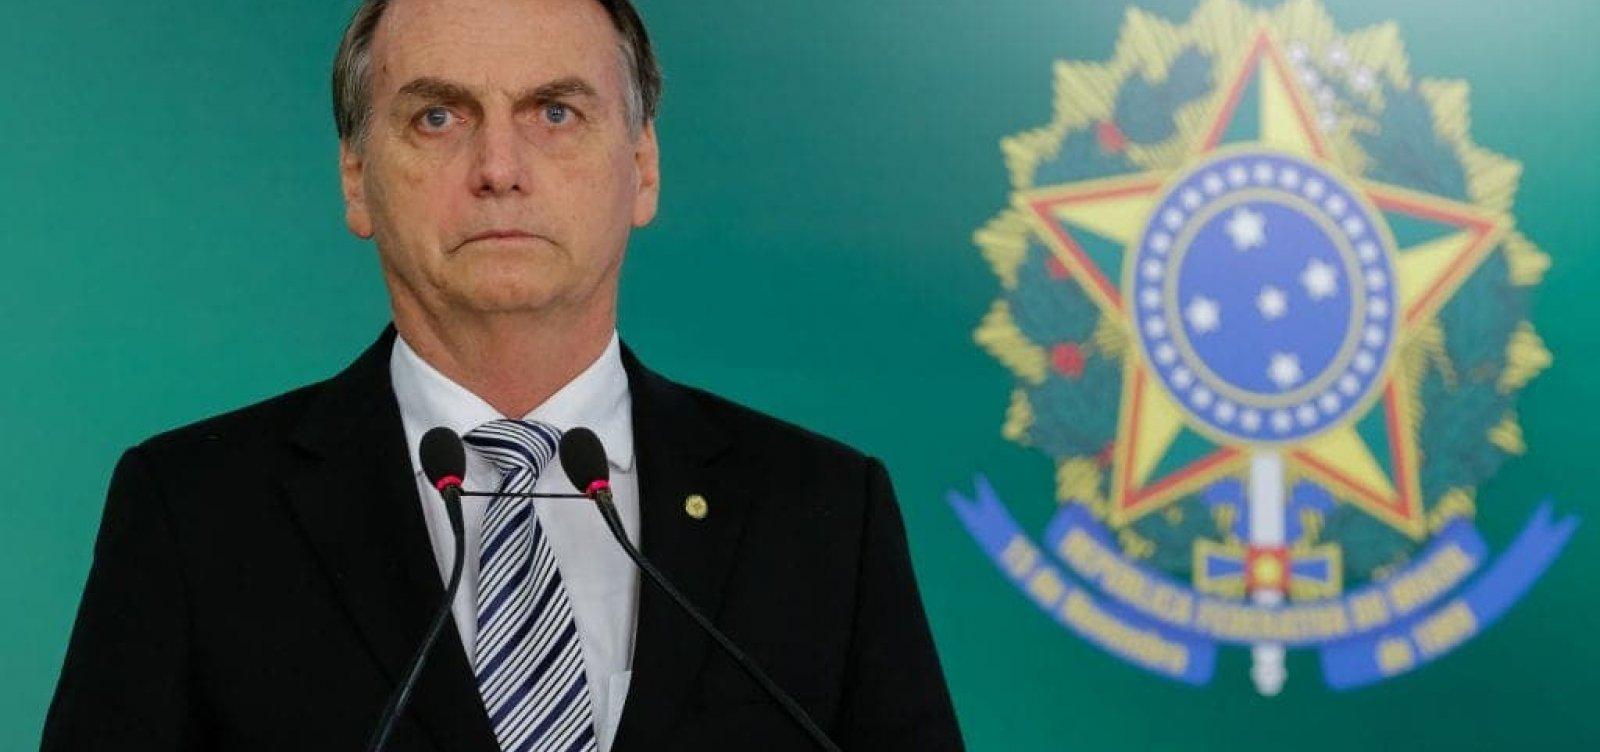 Planalto deve decidir sobre o Auxílio Brasil de R$ 400 nesta quarta, com ajuste na PEC dos precatórios